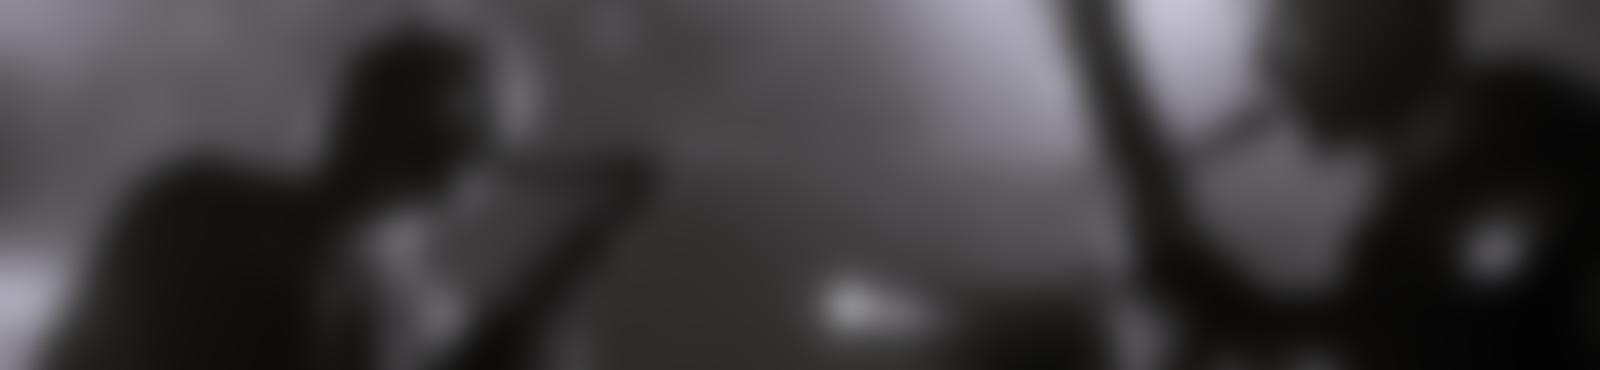 Blurred fe7d79c5 b70f 418e a014 edfb5e242e9e